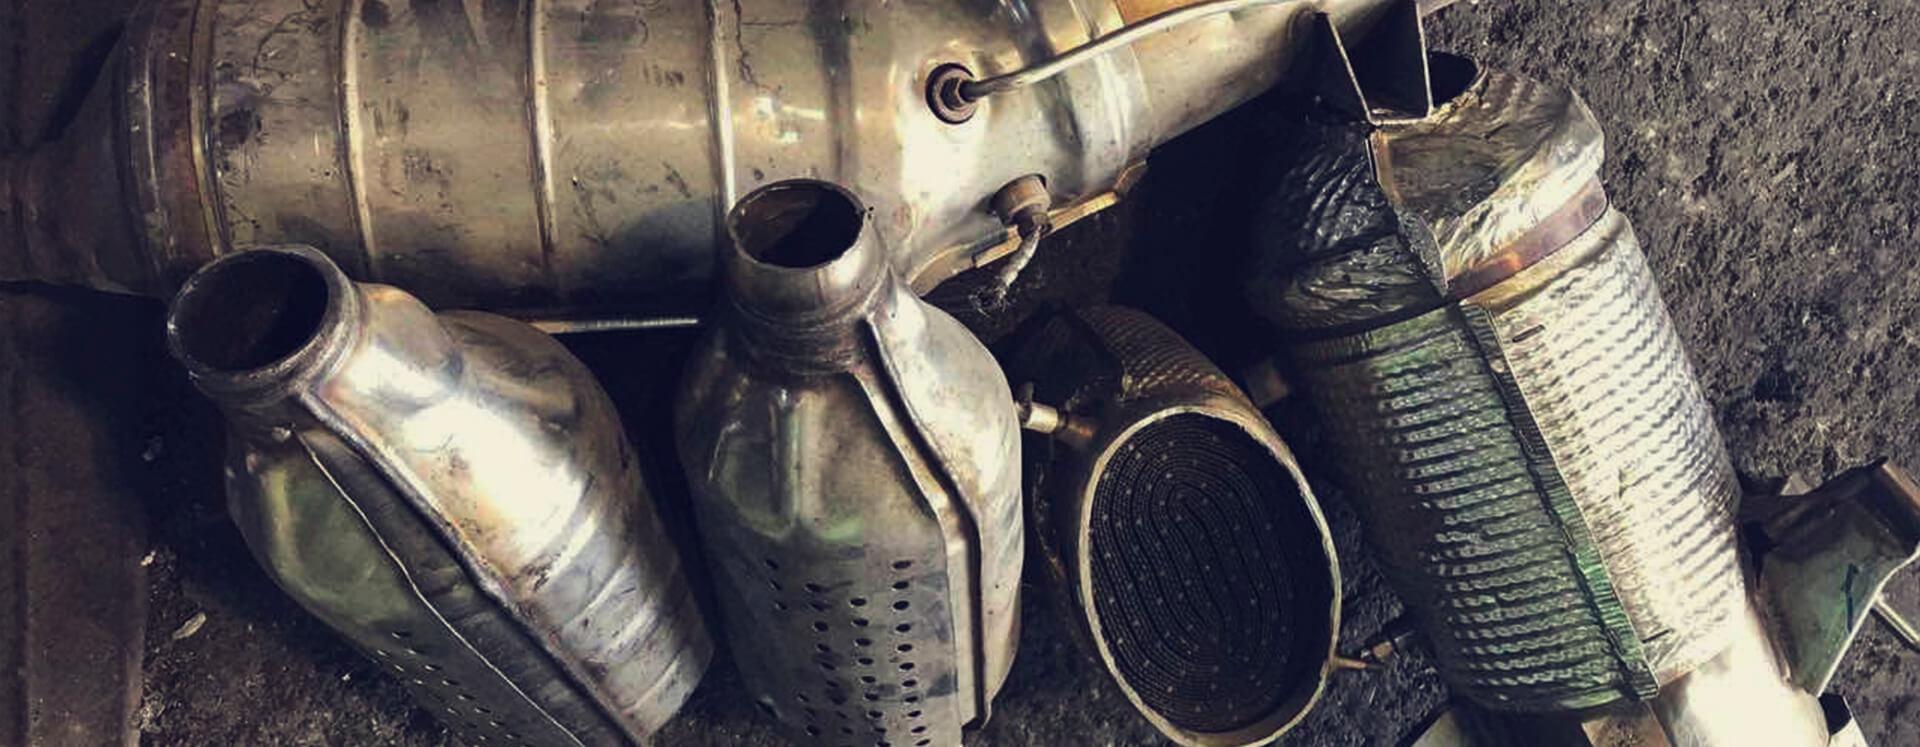 Утилизация подержанных автомобильных катализаторов